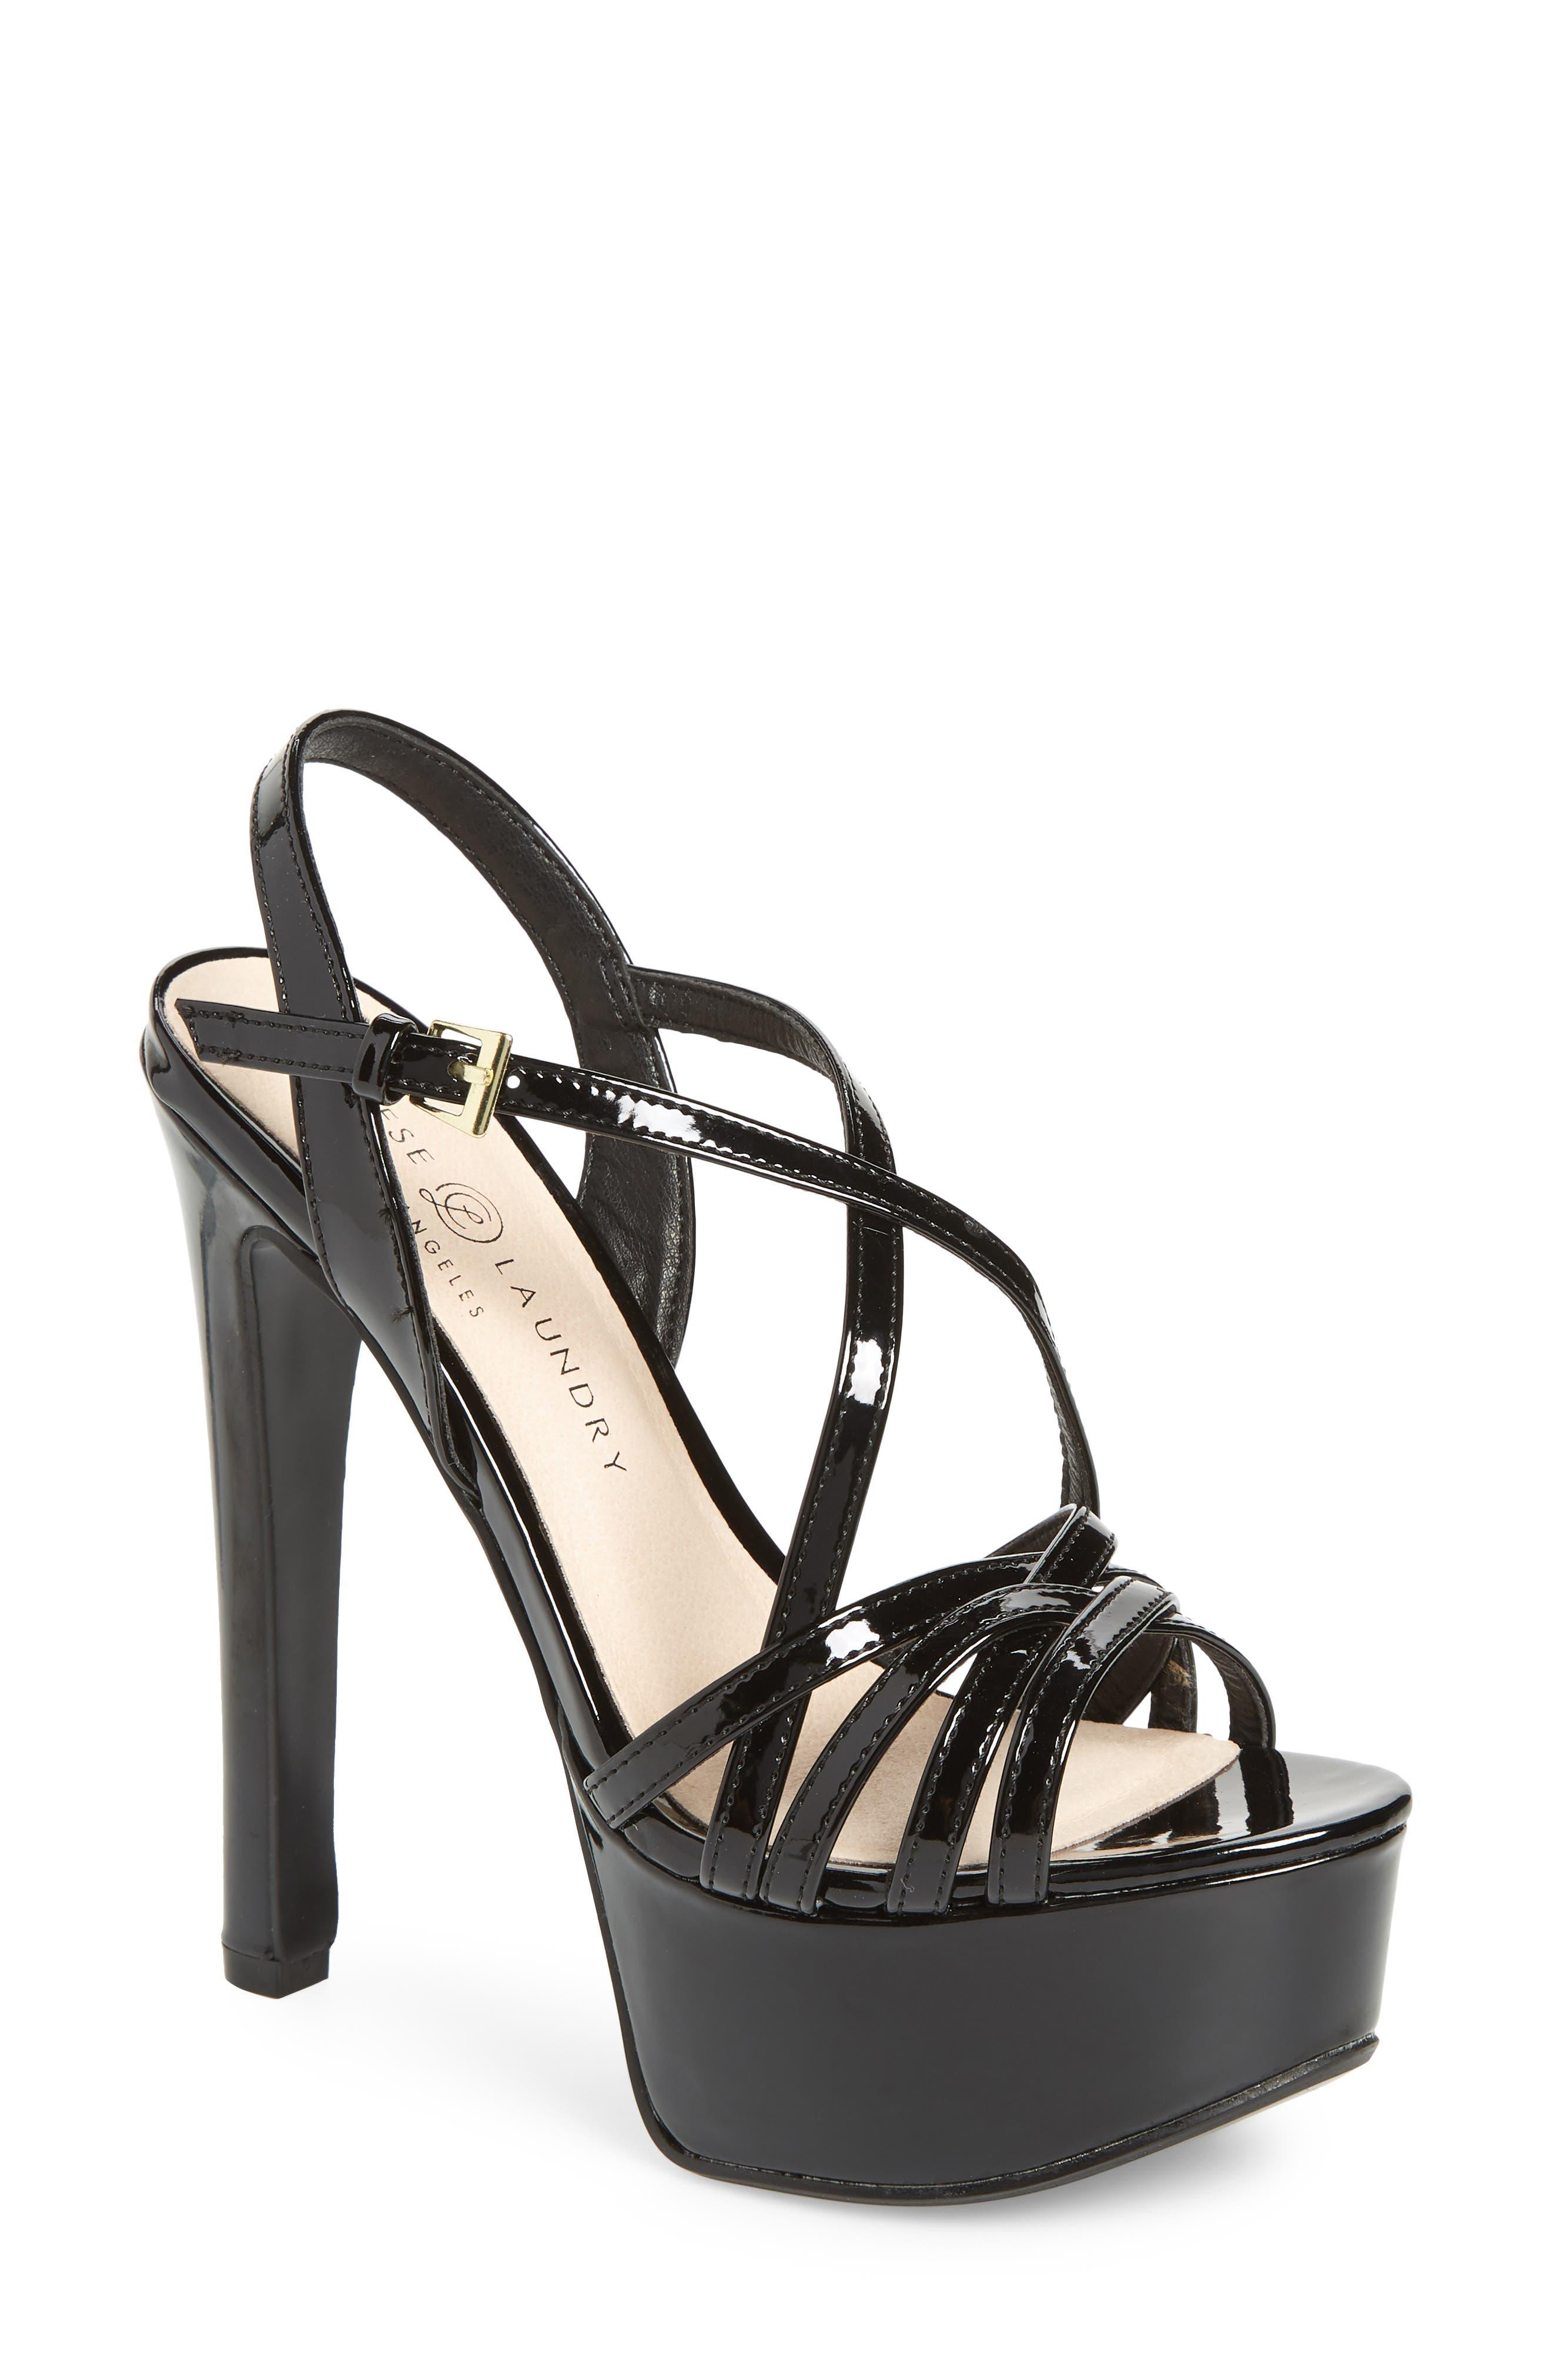 Teaser2 Platform Sandal,                         Main,                         color, BLACK PATENT